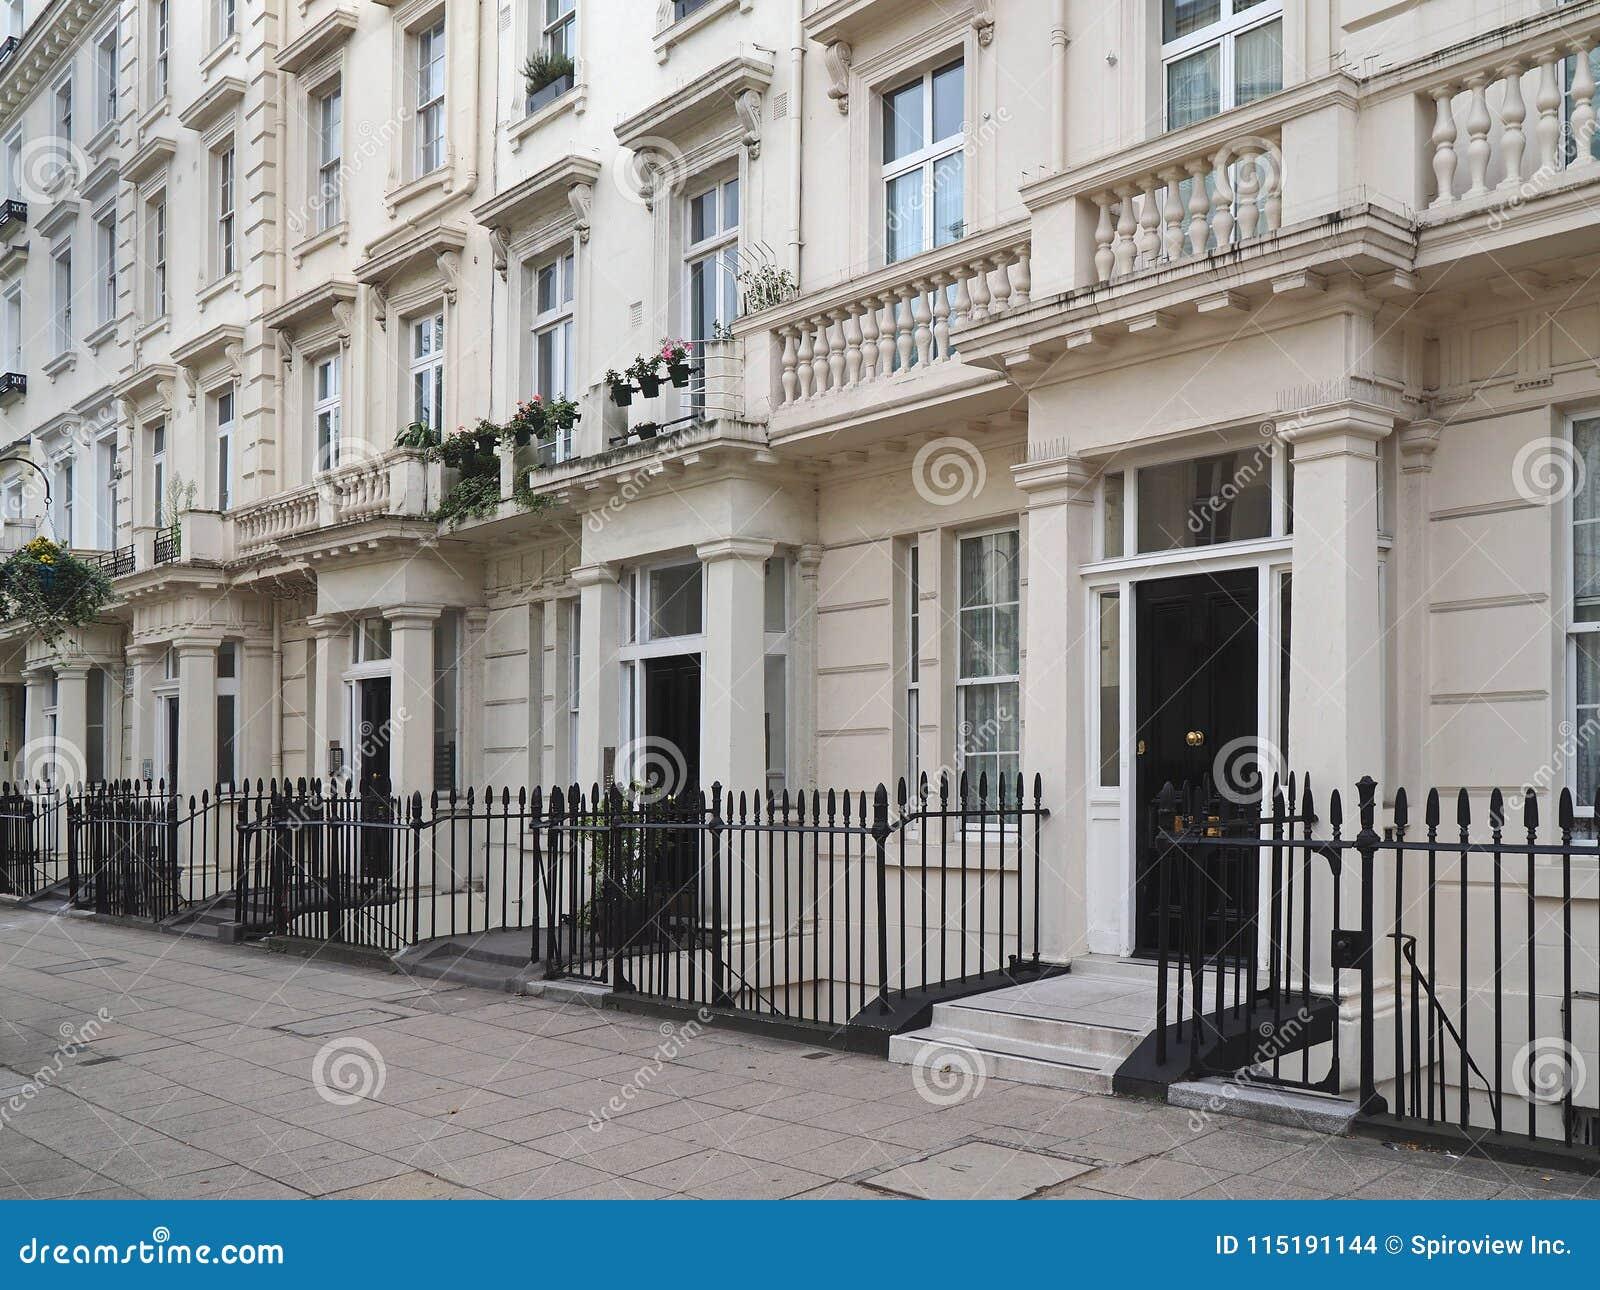 Таунхаус лондон купить квартиру в дубае авито